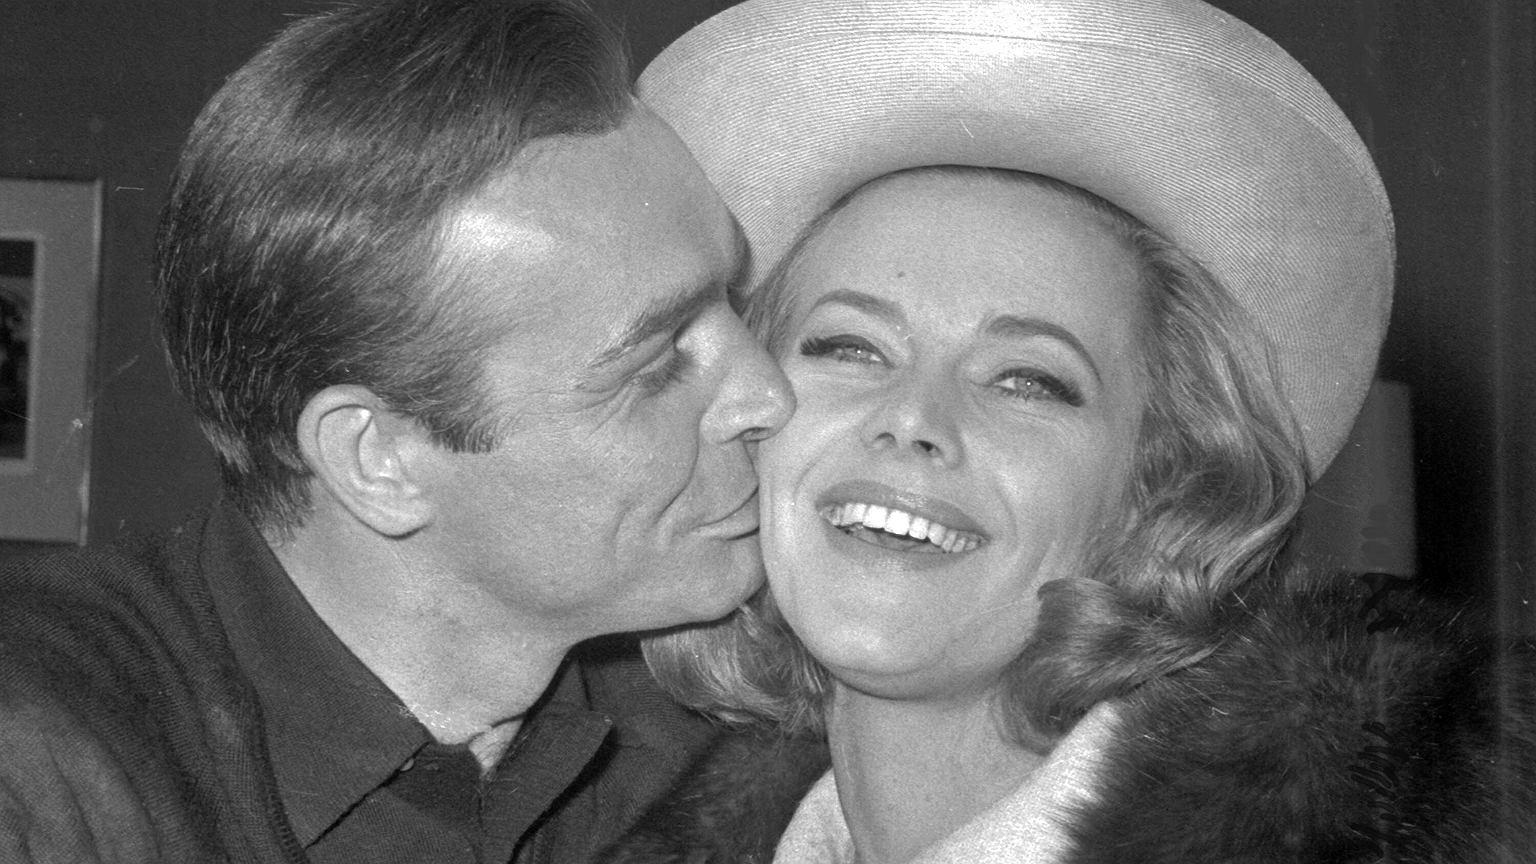 Honor Blackman nie żyje. Aktorka znana z roli w jednym z filmów o Jamesie Bondzie miała 94 lata